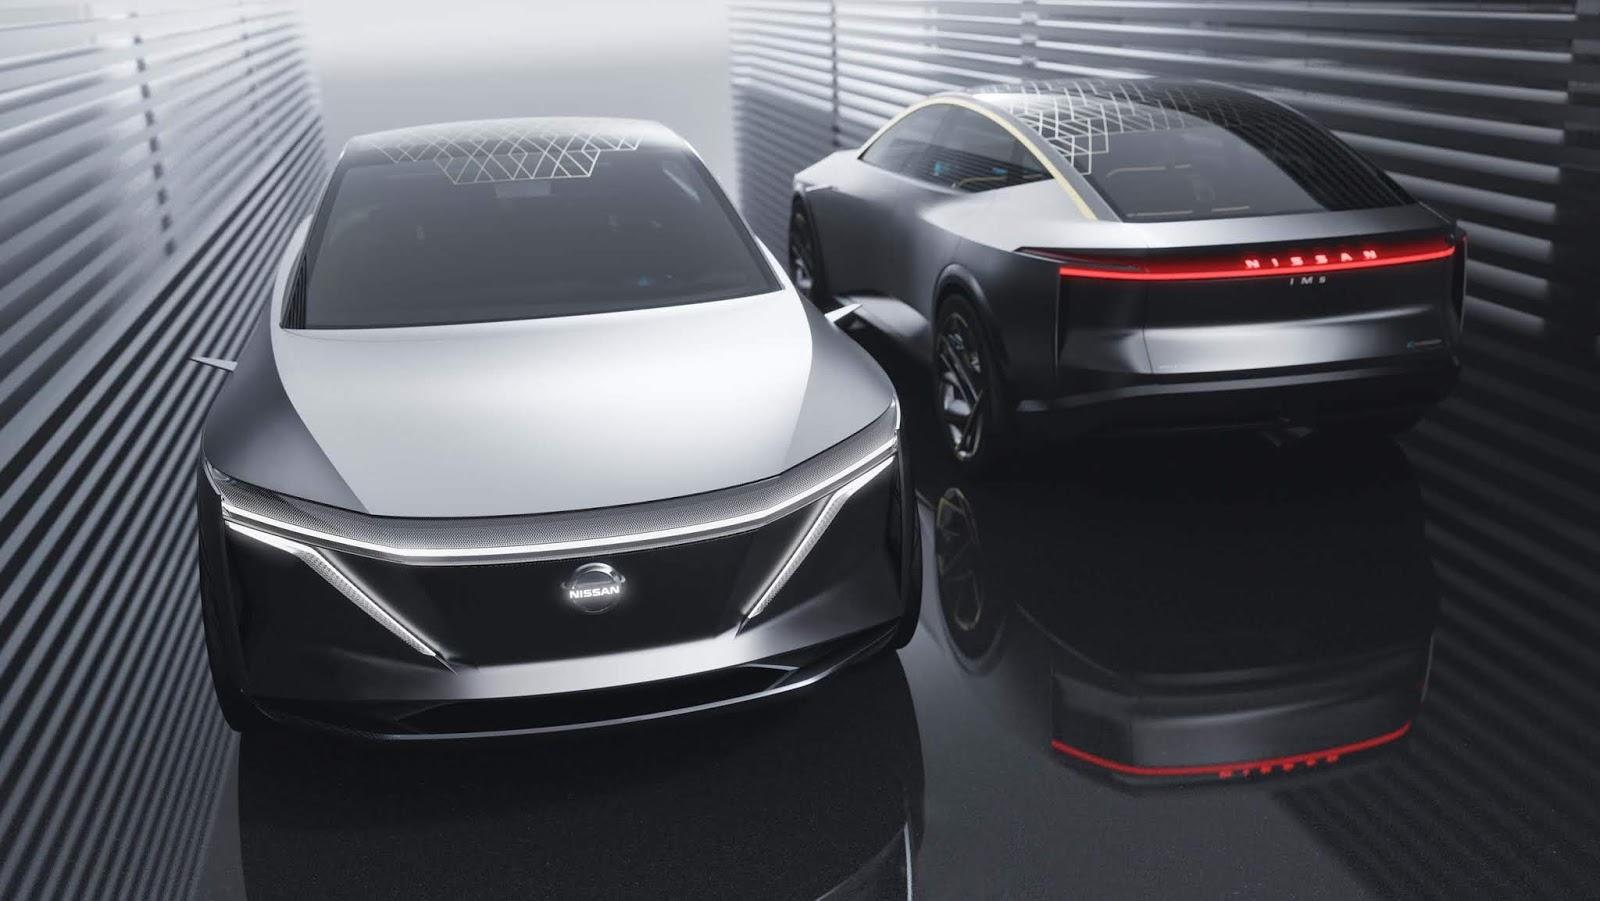 To πρωτότυπο σπορ σεντάν Nissan IMs στο Σαλόνι Αυτοκινήτου του Ντιτρόιτ